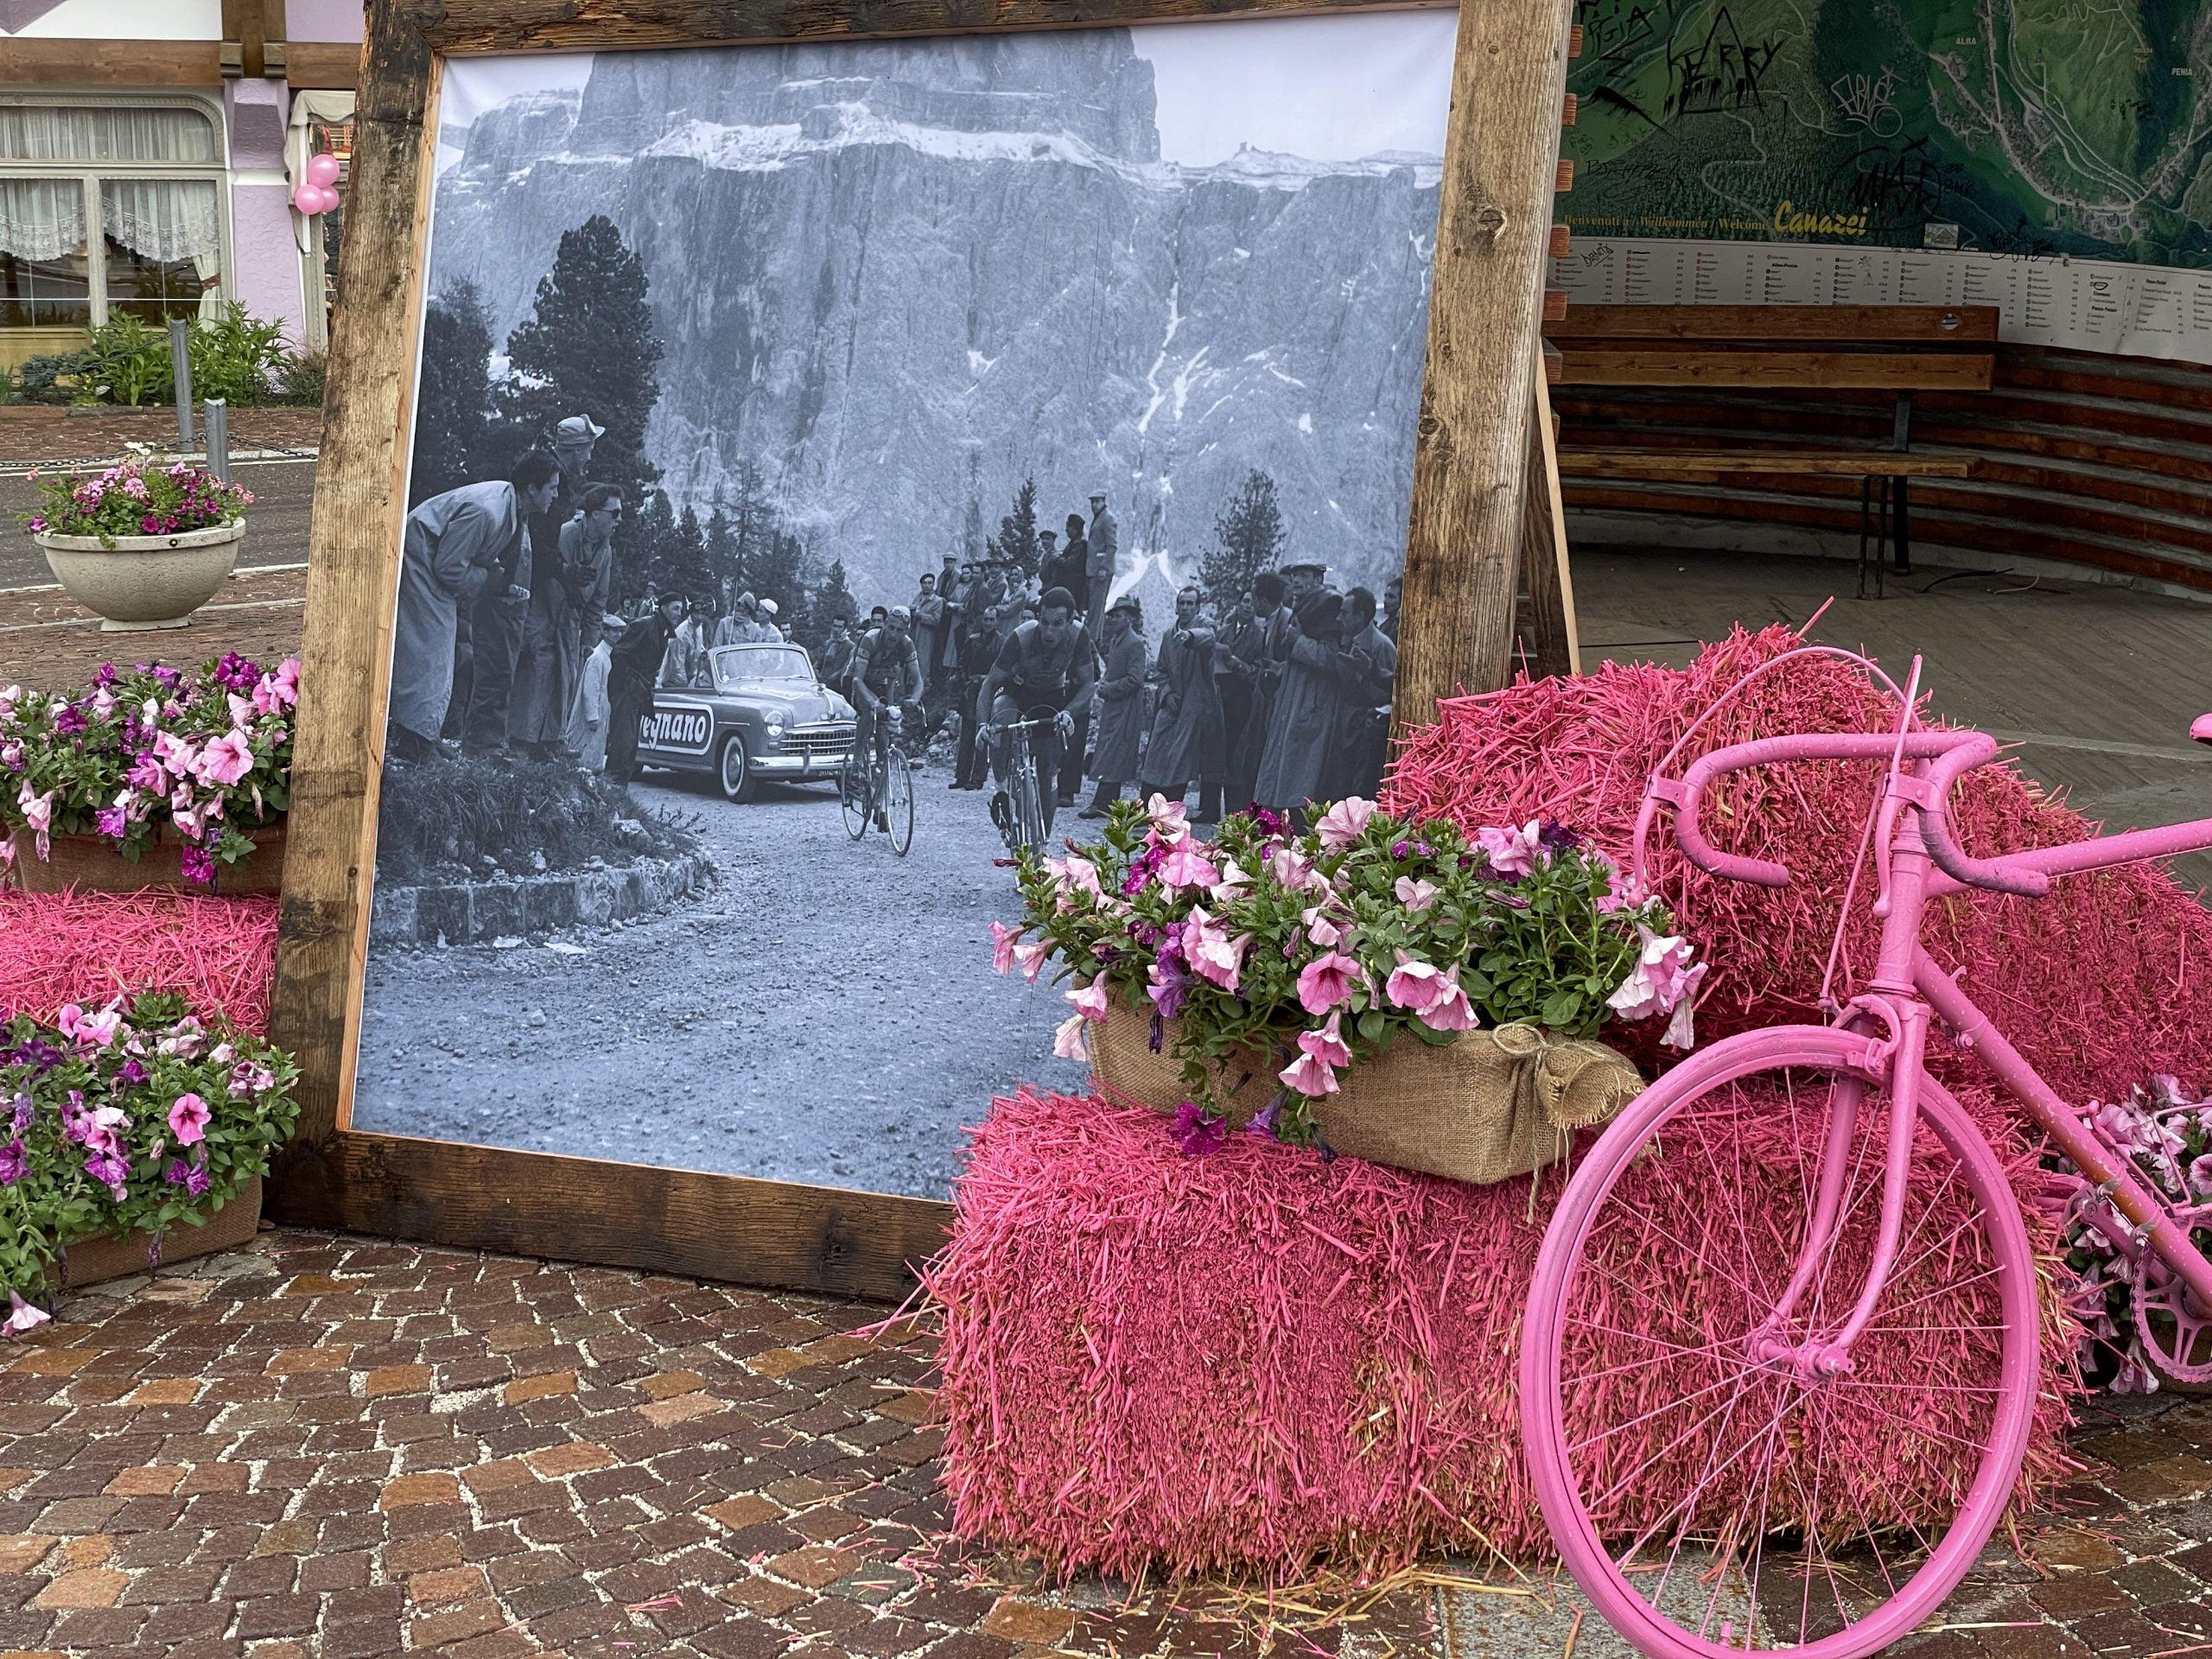 Canazei Giro d'Italia